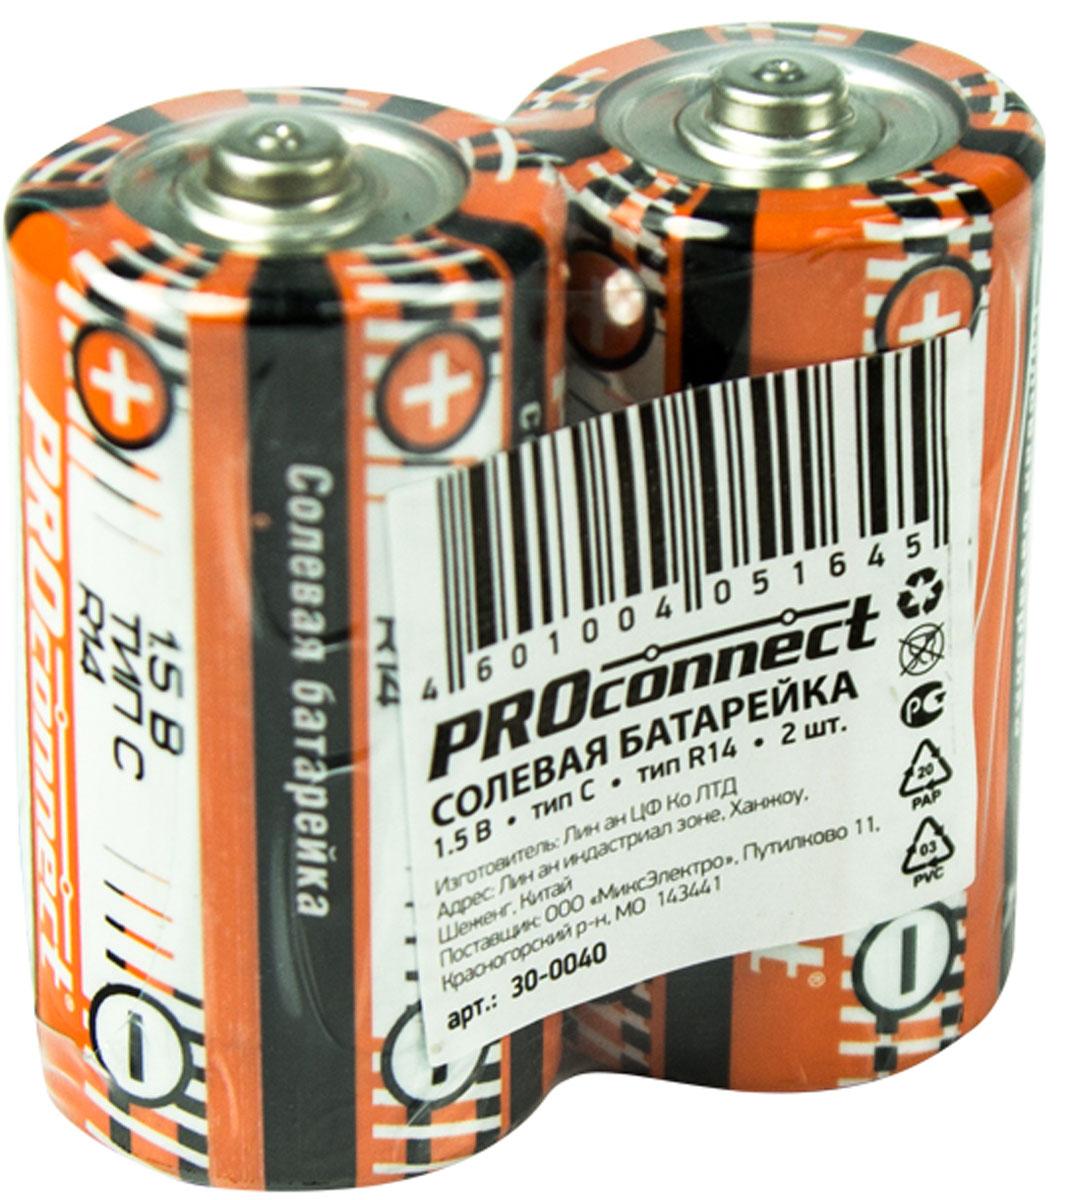 Батарейка солевая PROconnect, тип С-R14, 2 шт30-0040Солевая батарейка предназначена для работы в устройствах с низким и средним потреблением тока.